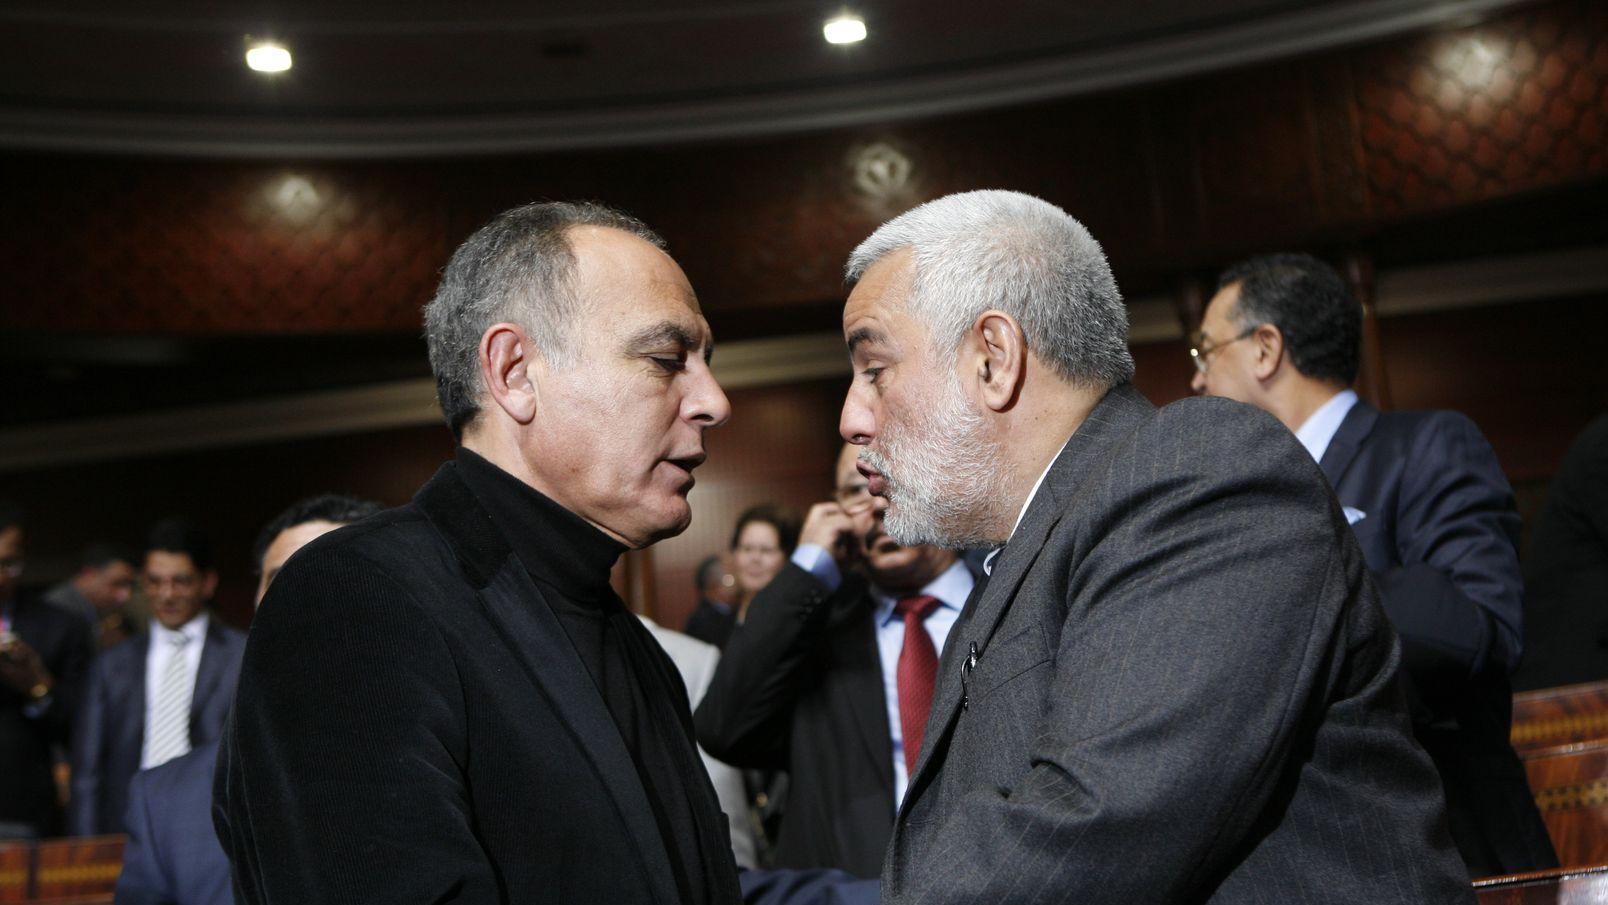 رفاق مزوار يهاجمون بنكيران تحت قبة البرلمان بسبب «الخيانة»